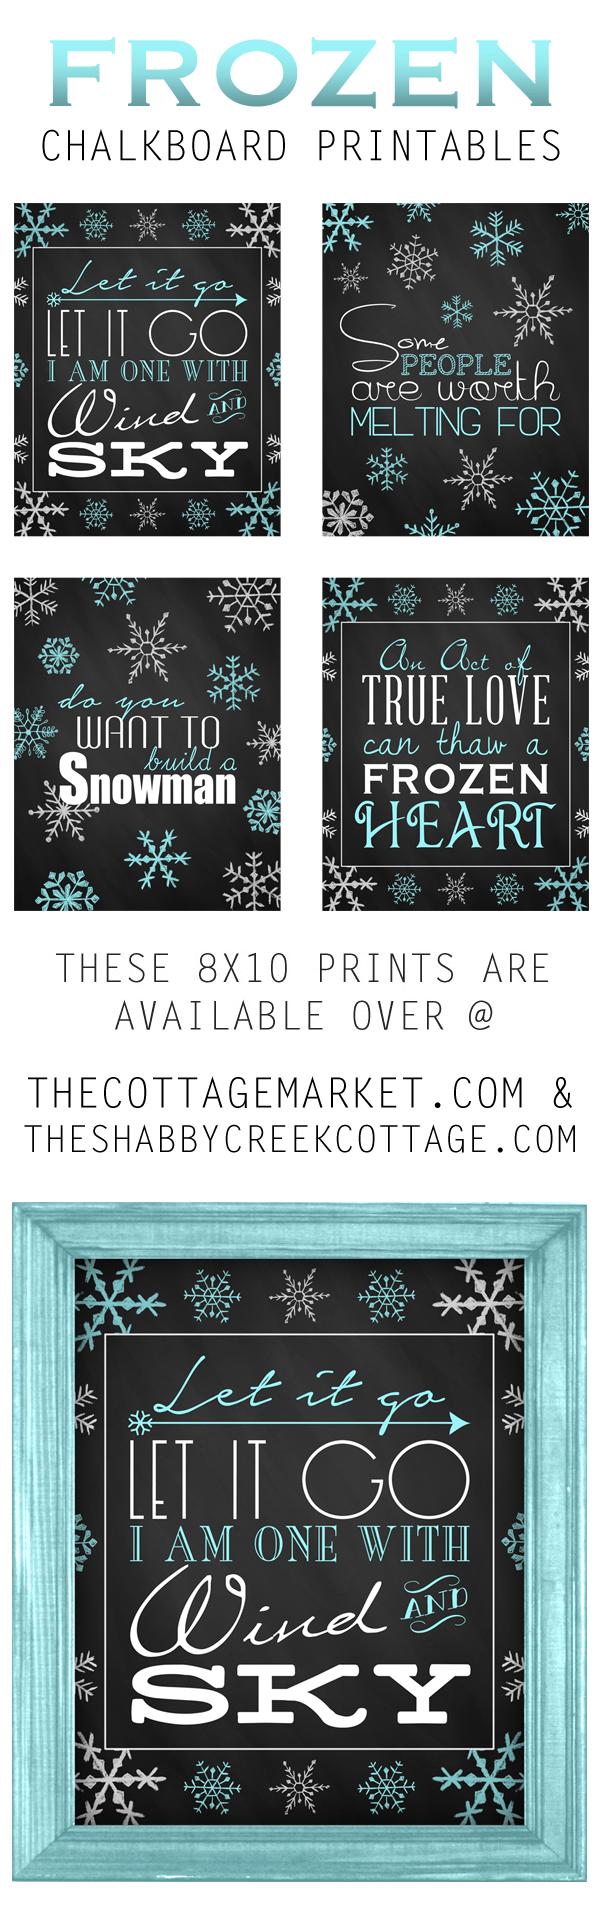 TCMTSCC-Frozen-Chalkboard-Prints-TOWER